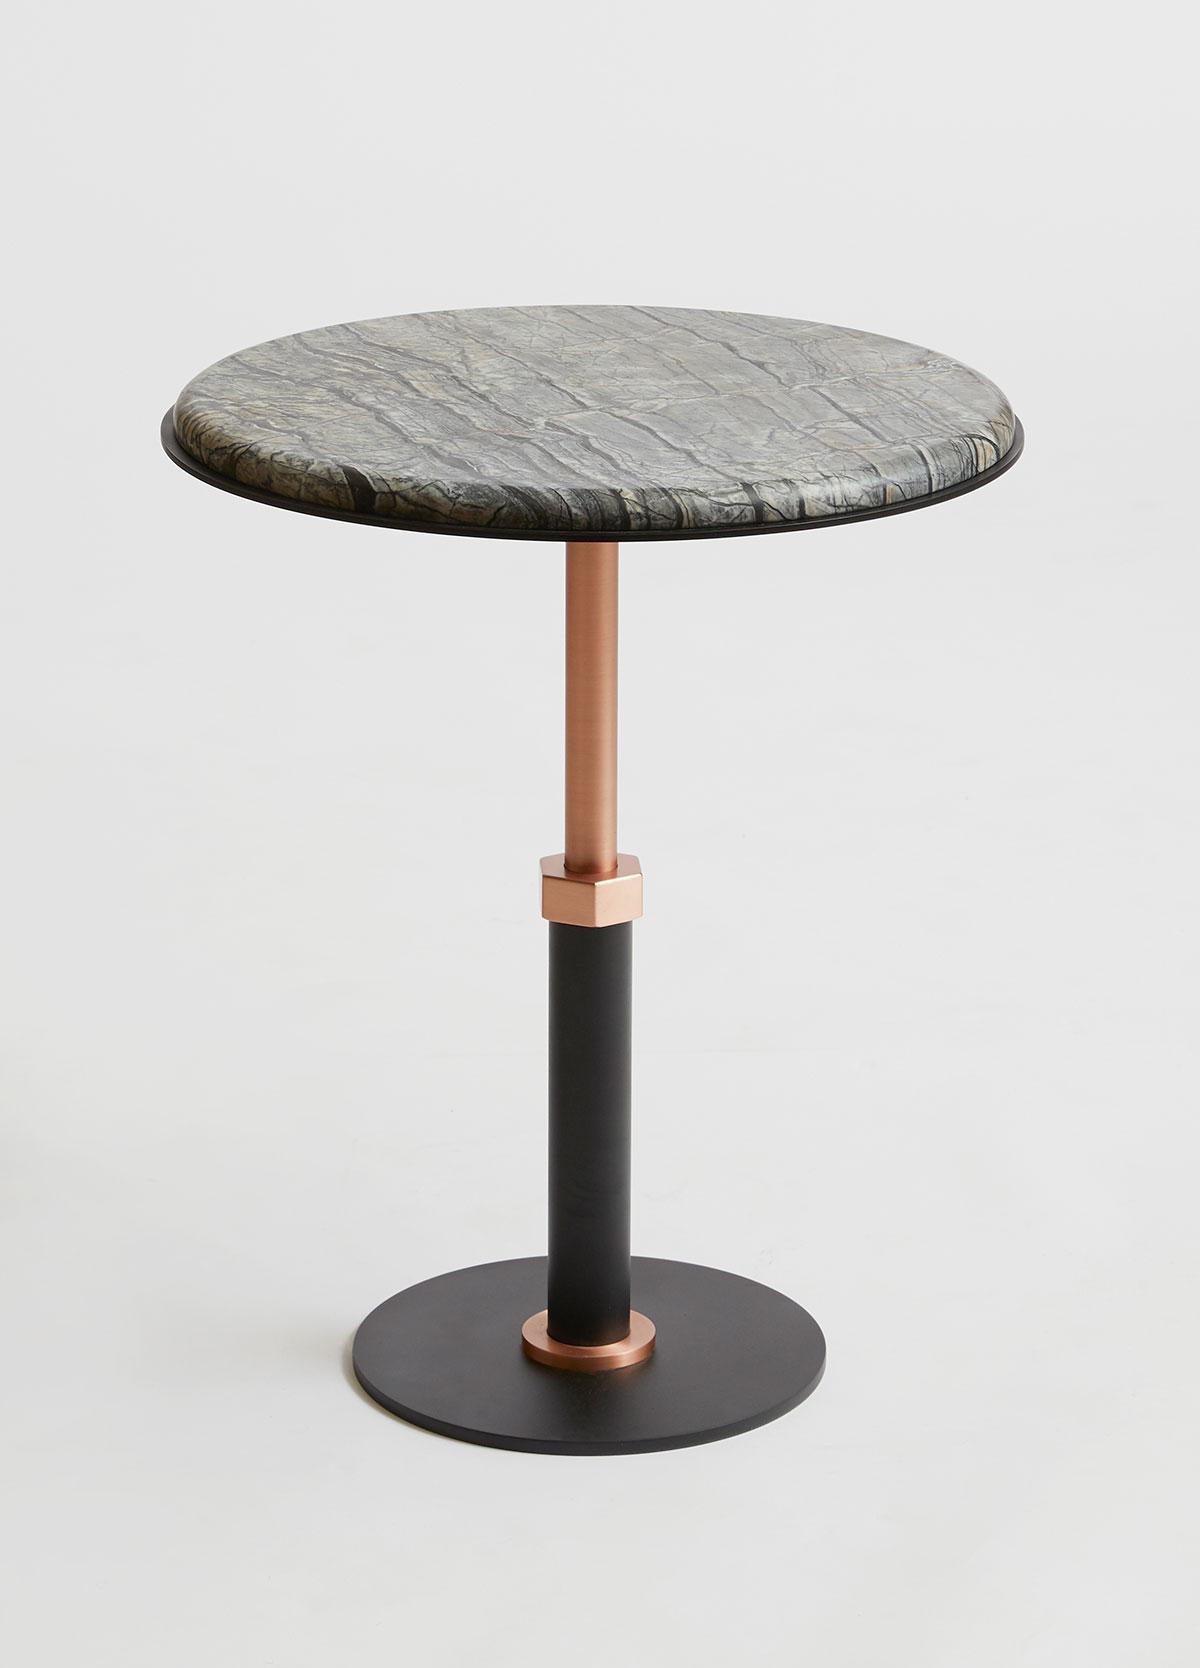 Gabriel scott pedestal3